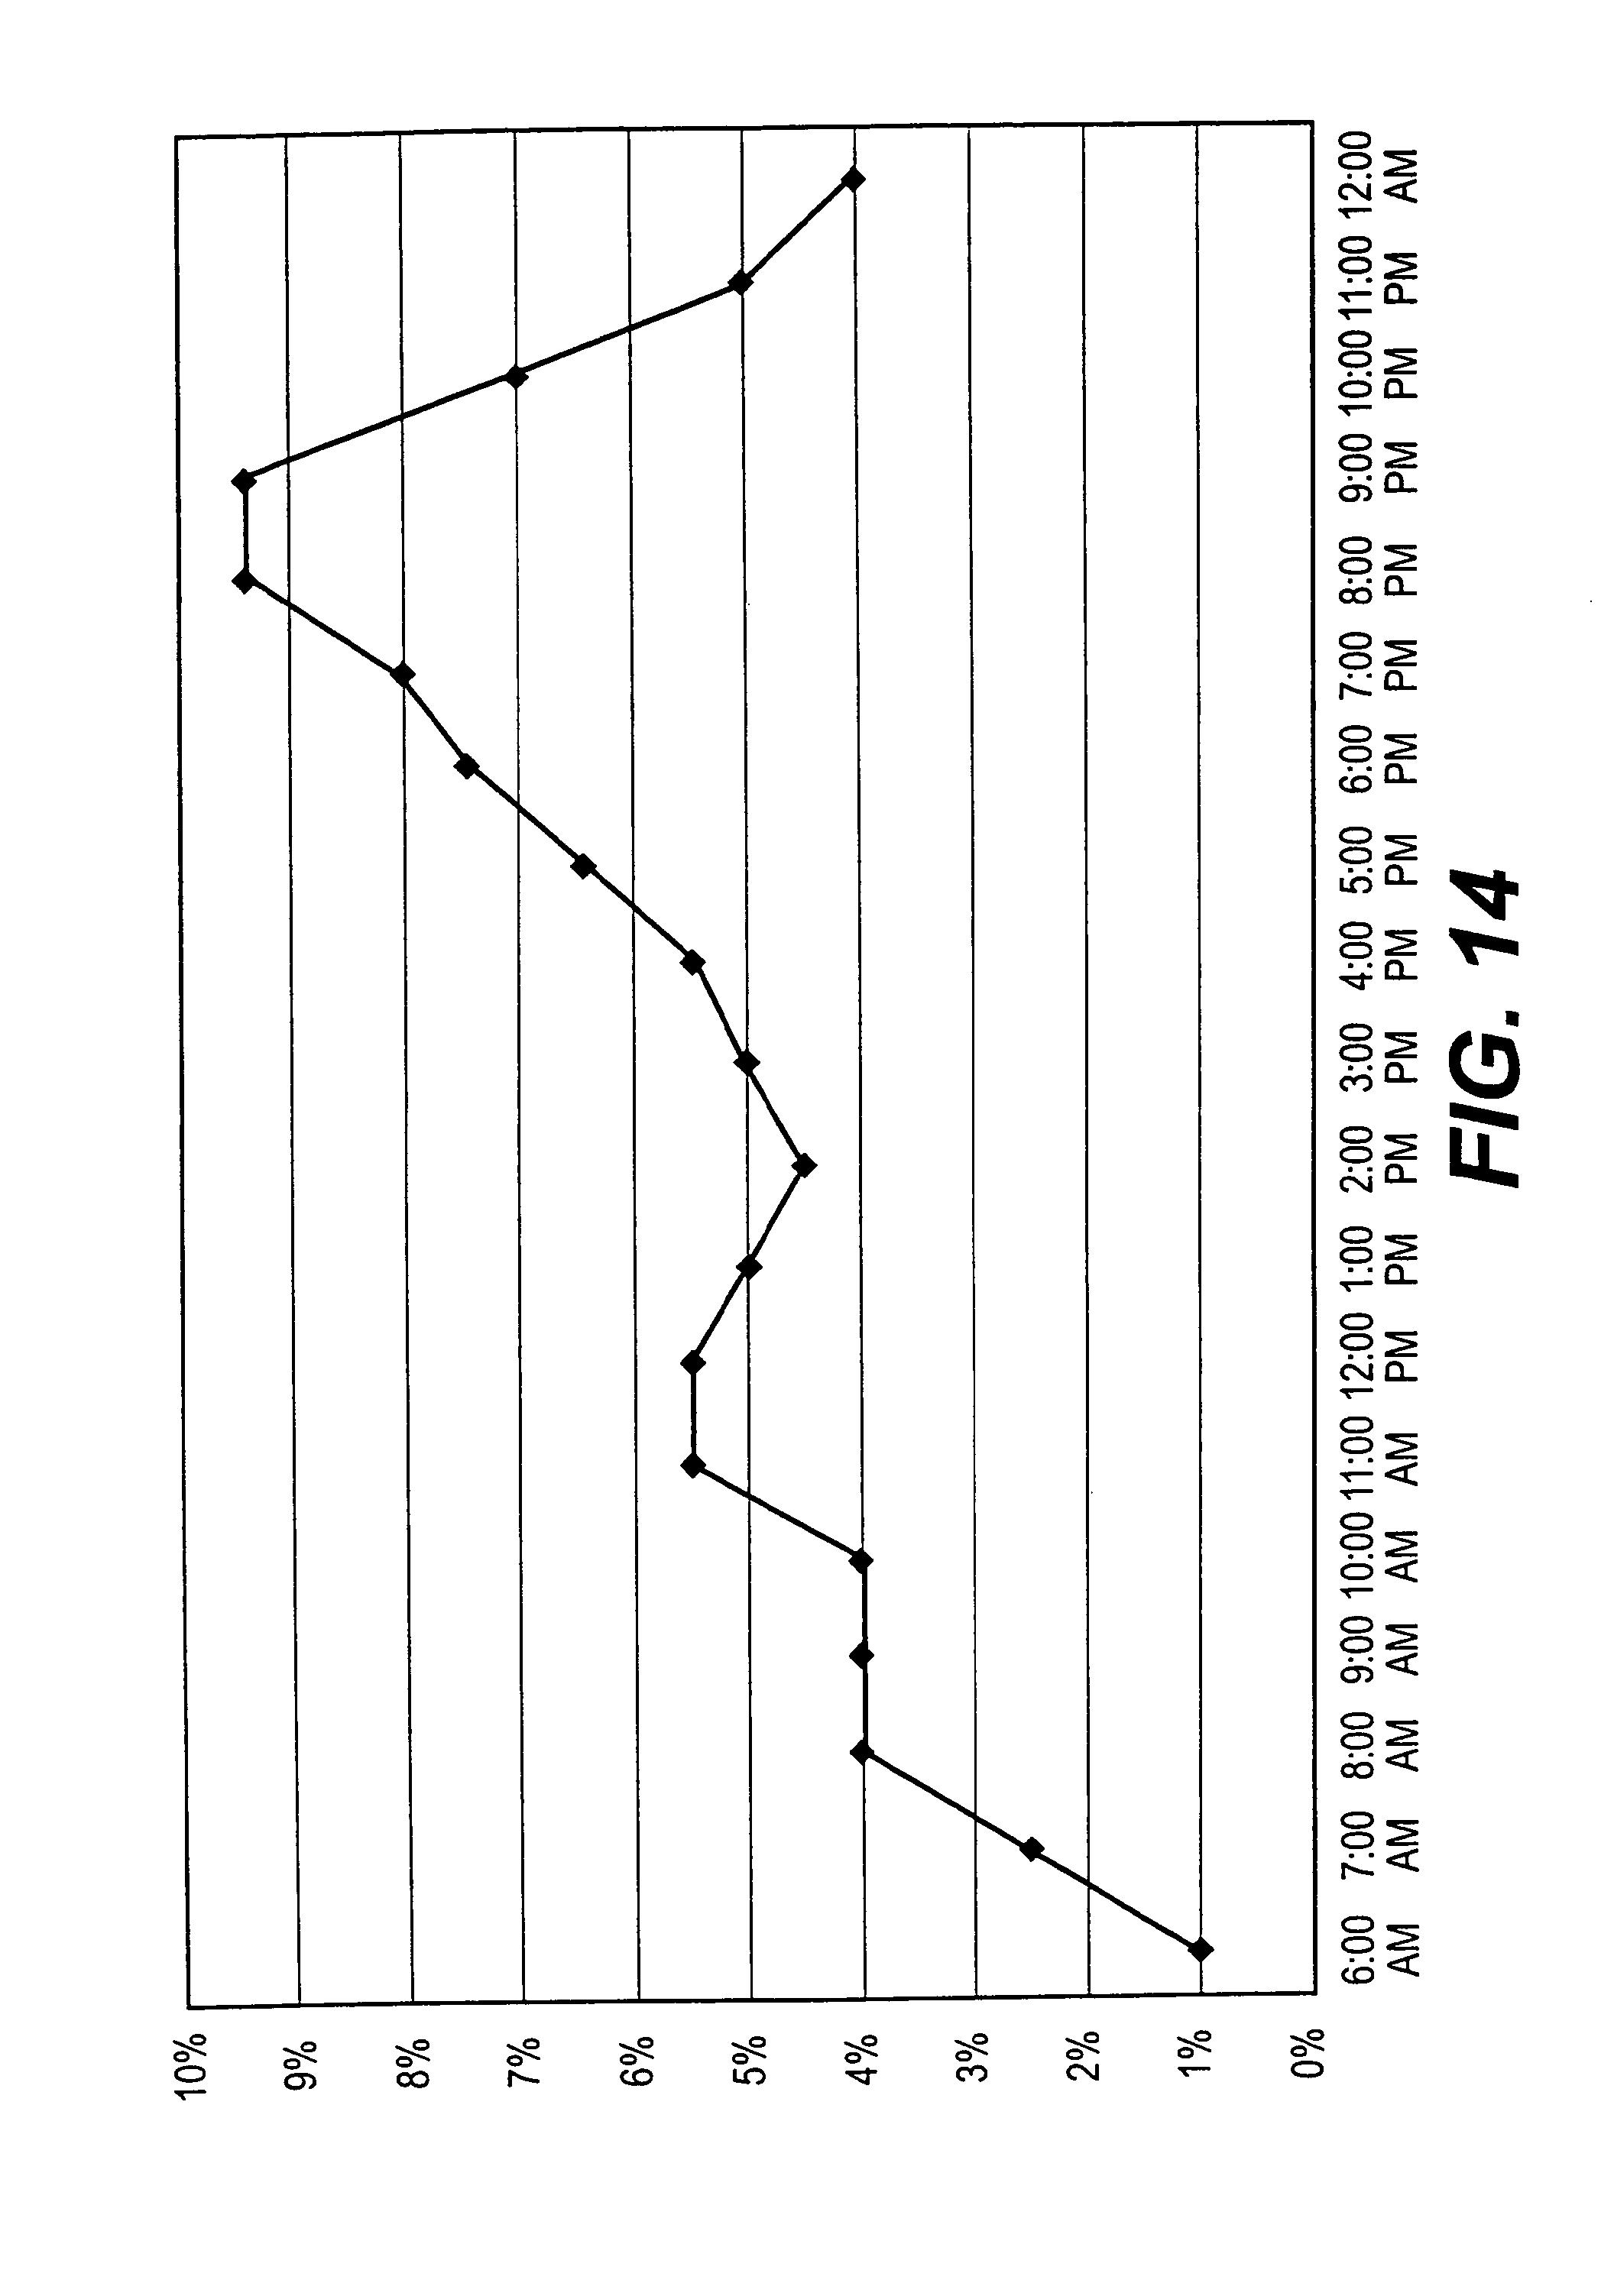 电路 电路图 电子 原理图 2112_3005 竖版 竖屏